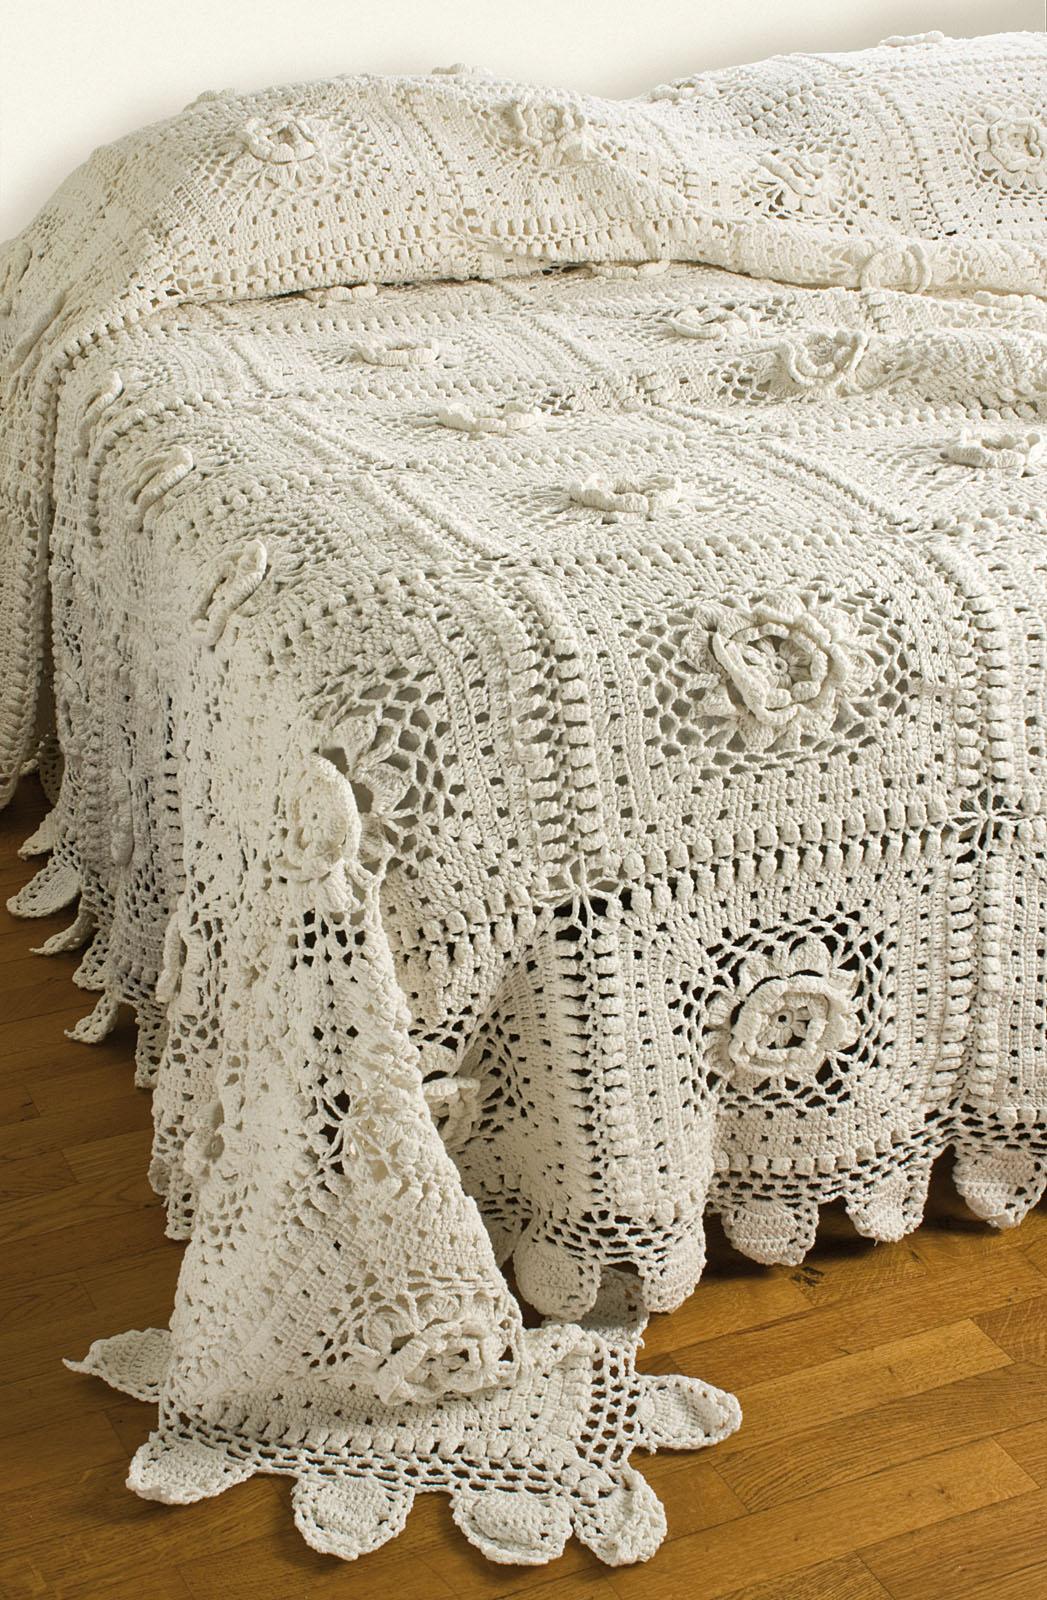 Copriletto Matrimoniale A Uncinetto.Copriletto Matrimoniale Cotone Uncinetto Crochet Bianco Familia Service